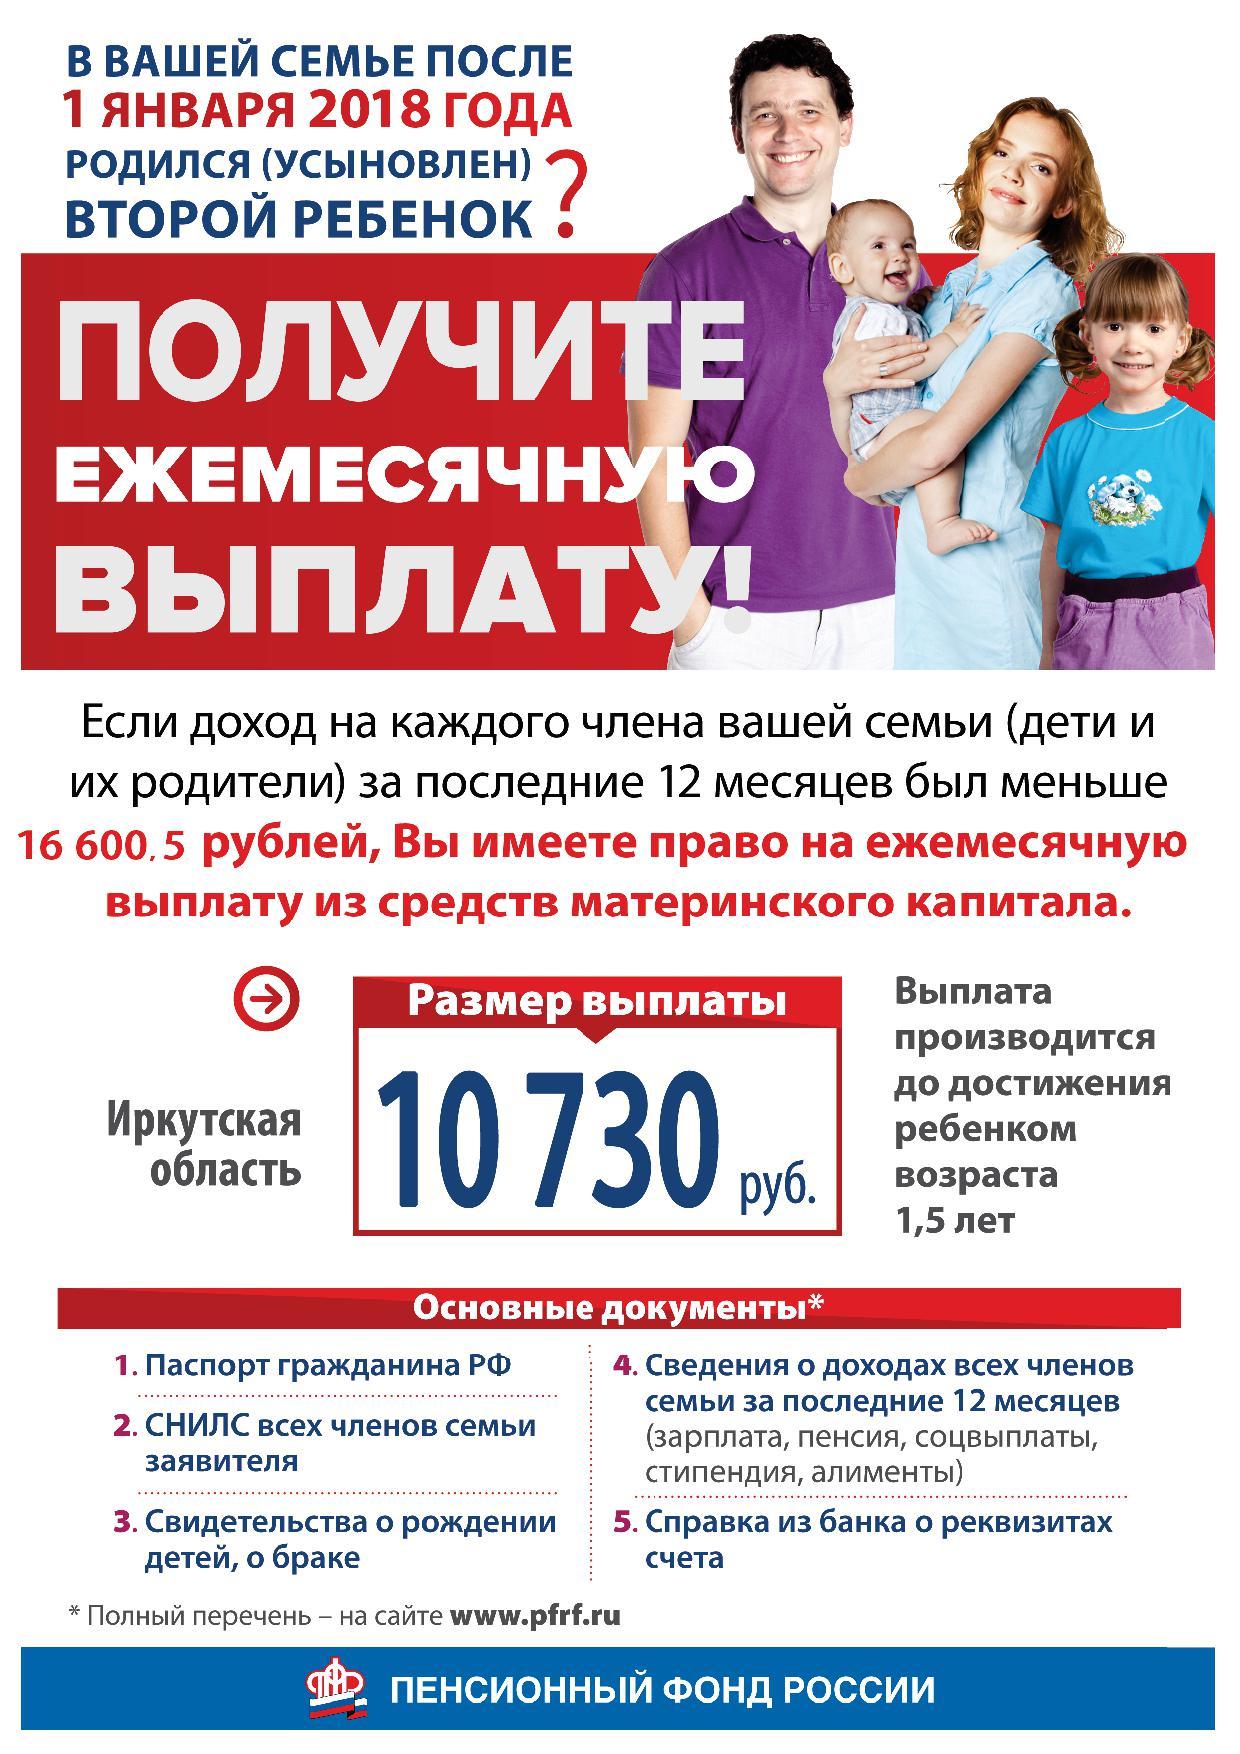 Пенсионный фонд омск сроки выплаты пенсии